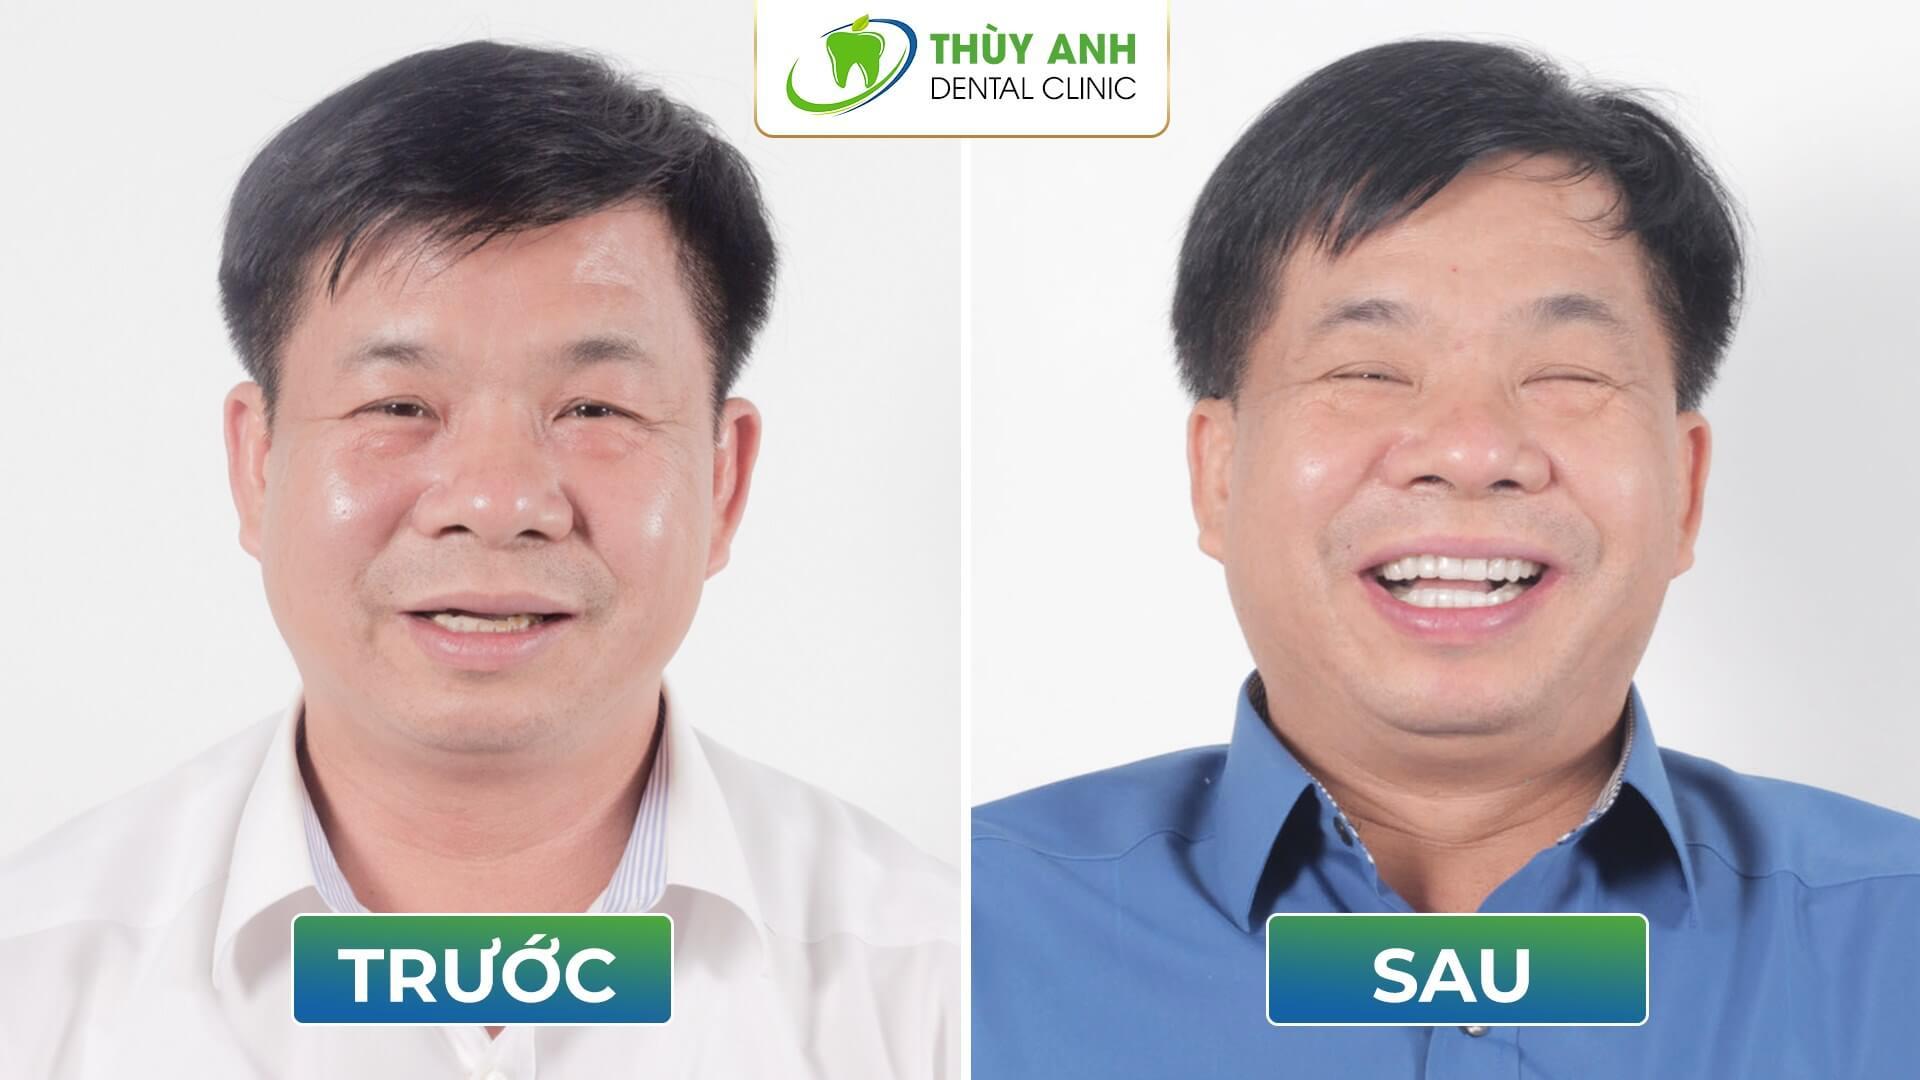 Mòn răng, mòn cả niềm vui và hành trình điều trị sau 6 năm đau đầu mãn tính, tìm lại niềm vui cuộc sống cho chú Tân